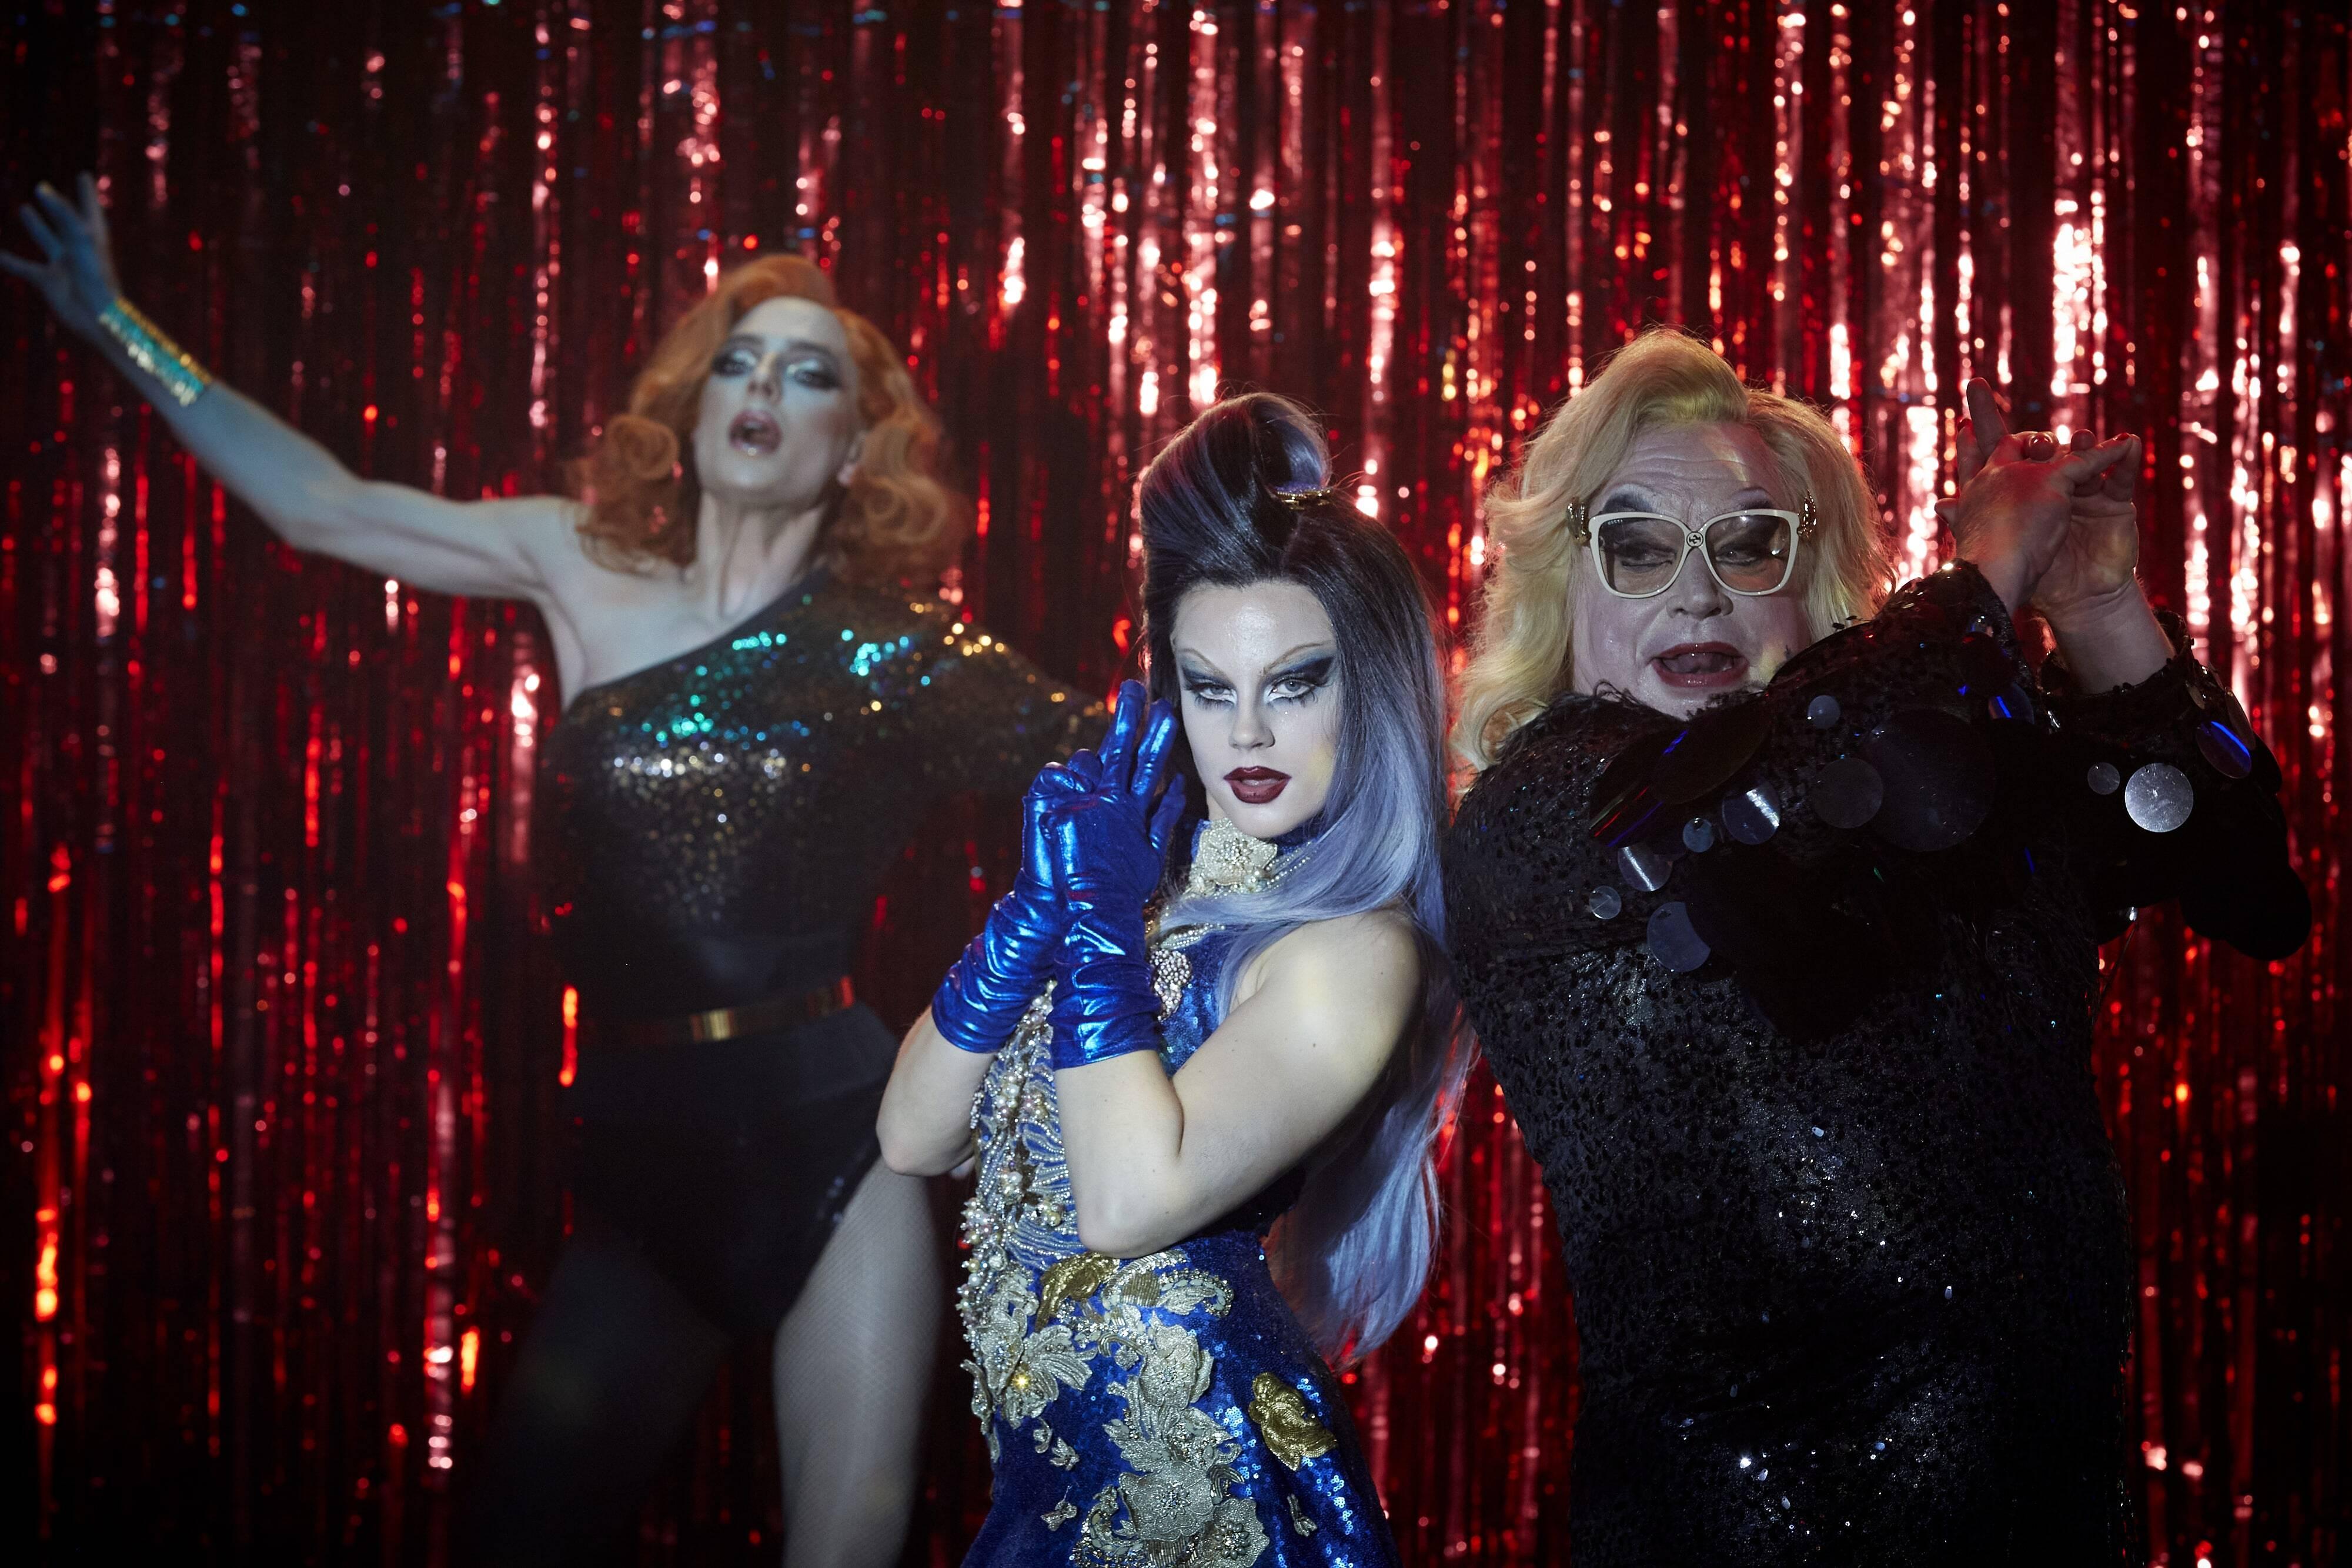 Dancing Queens mostra uma faxineira de clube de drag realizando o sonho de ser dançarina. Foto: Divulgação Netflix